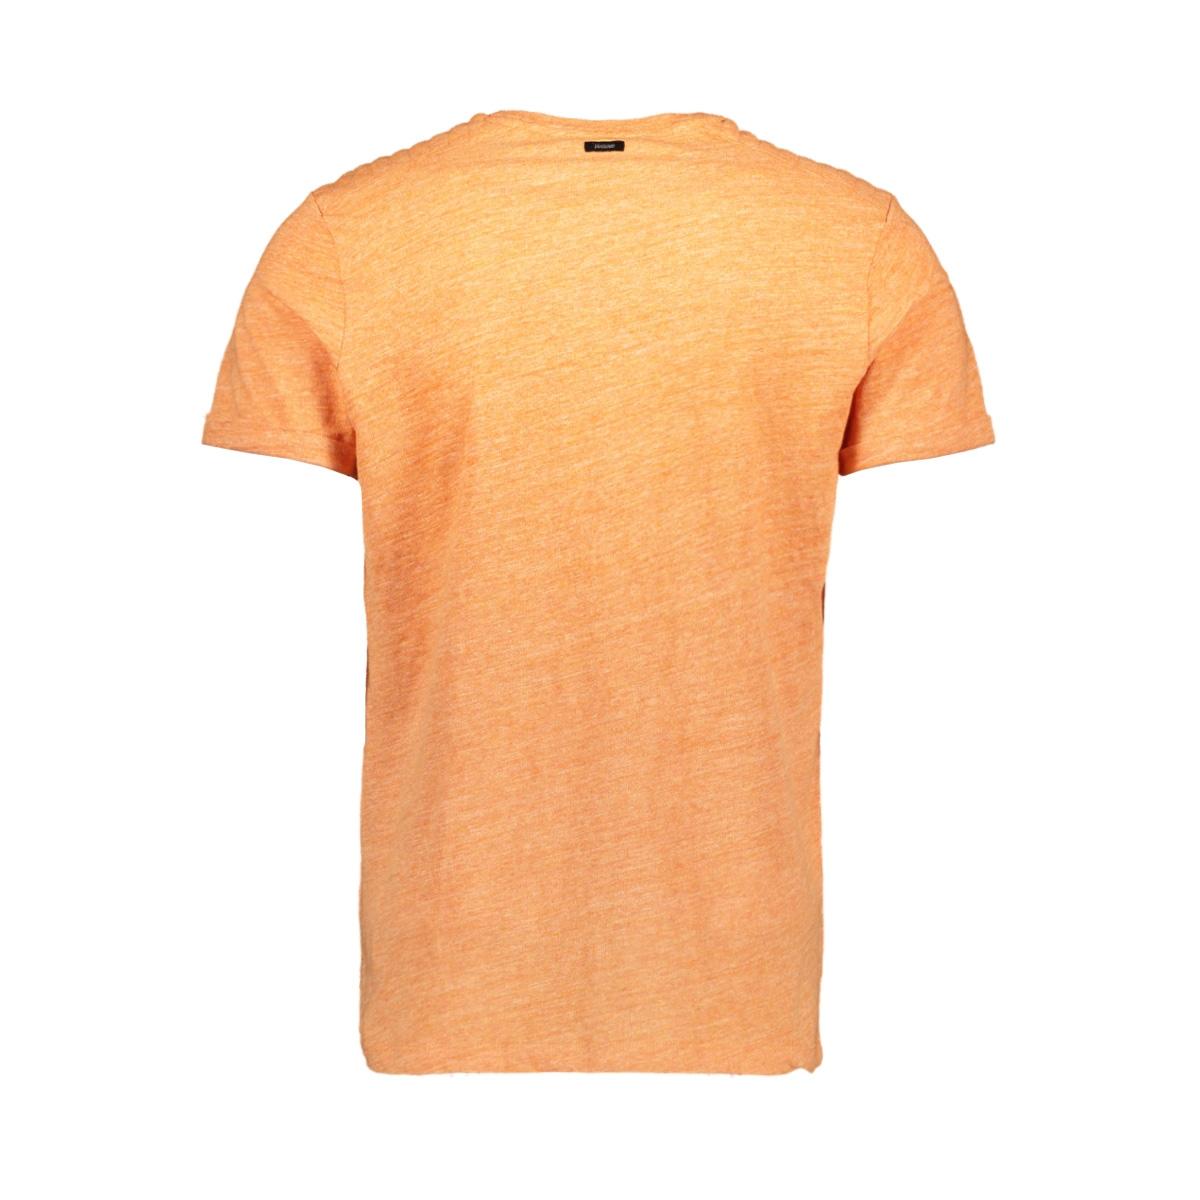 r neck t shirt vtss202530 vanguard t-shirt 2147